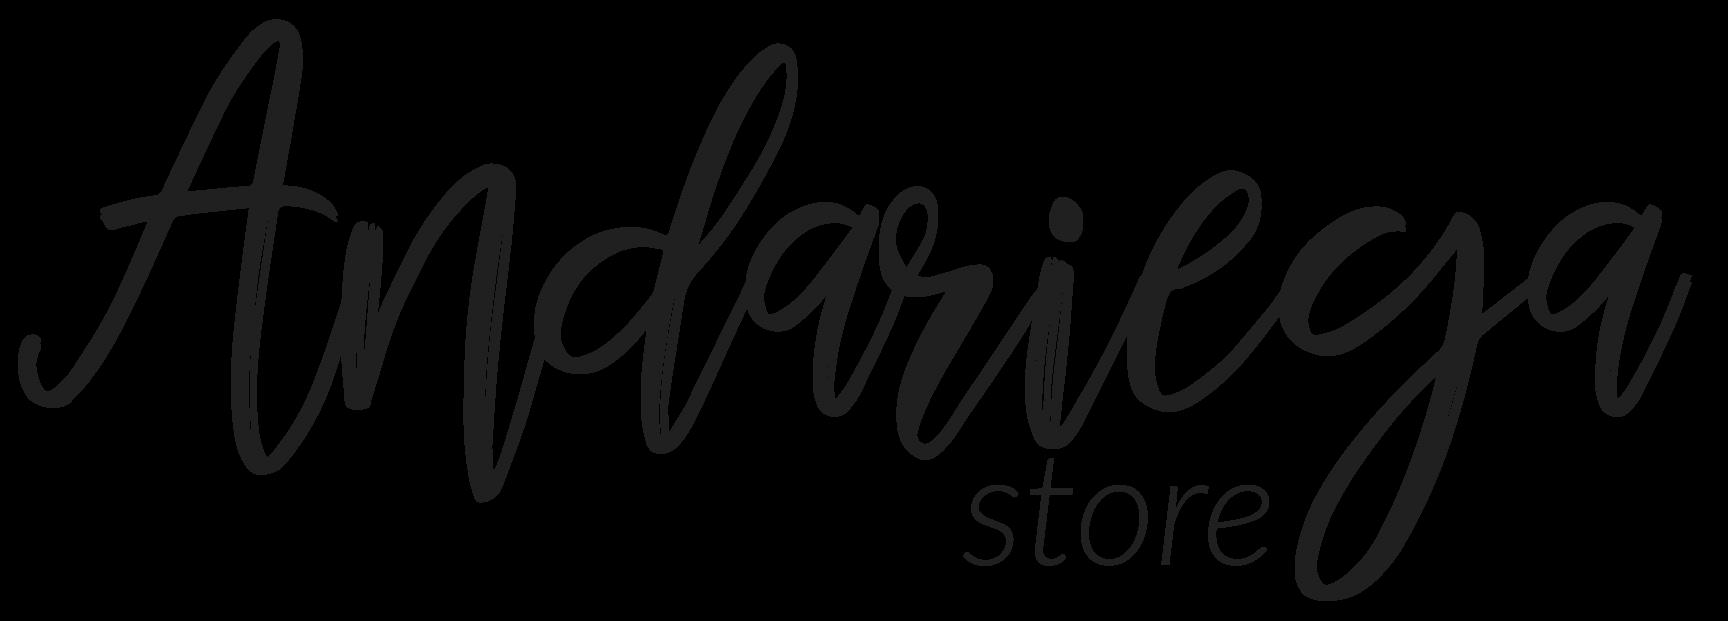 Andariega Store